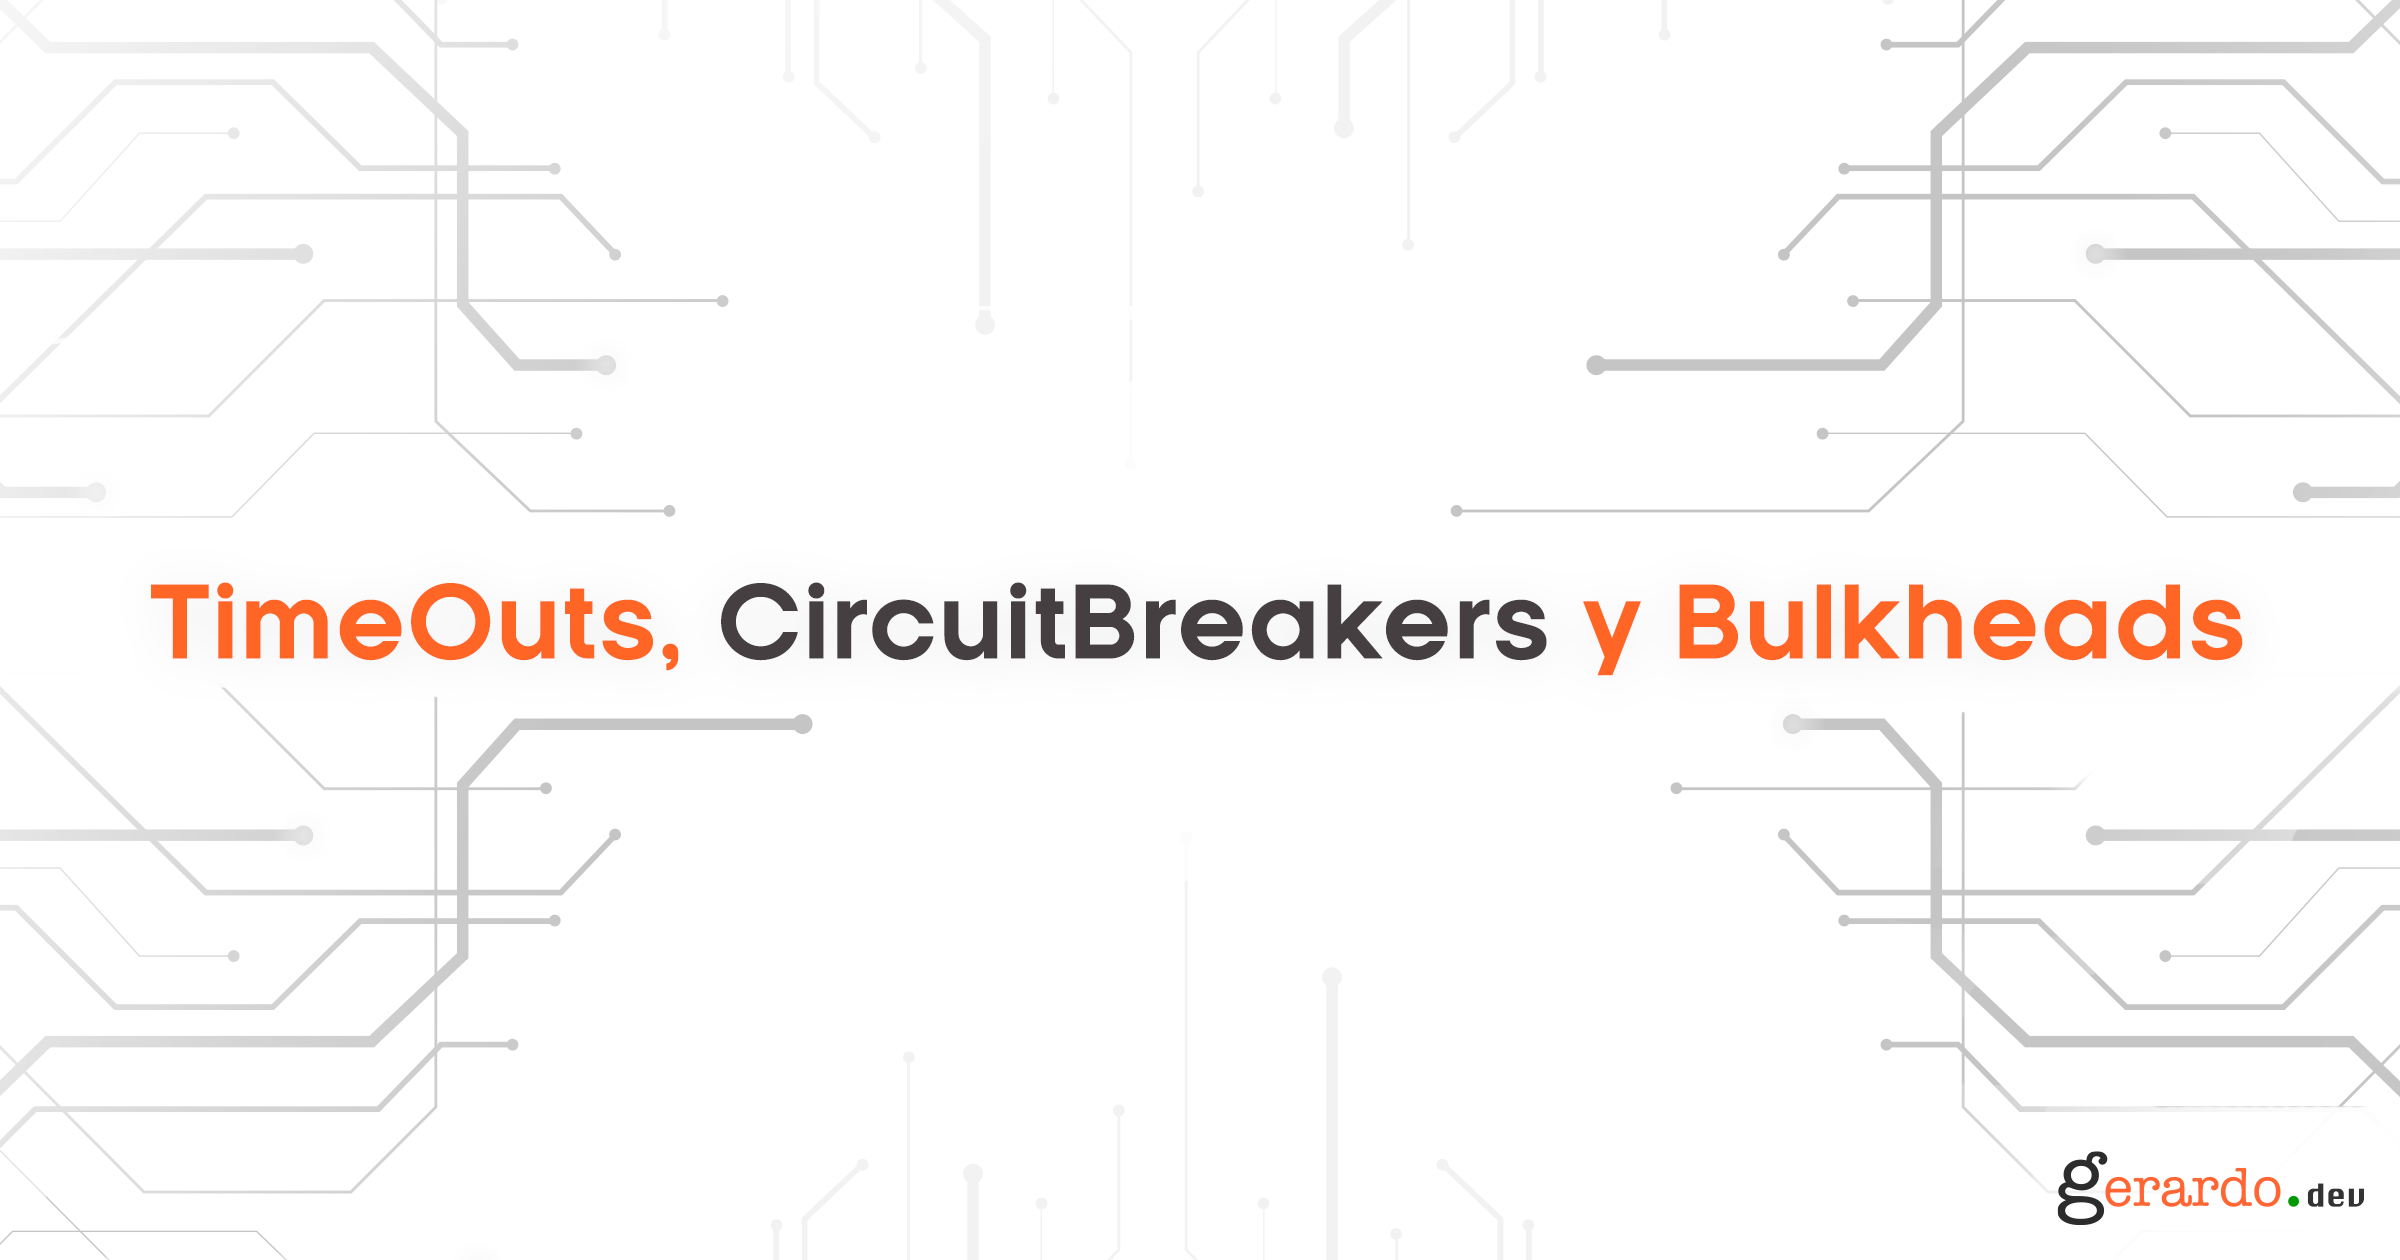 TimeOuts, CircuitBreaker y Bulkheads